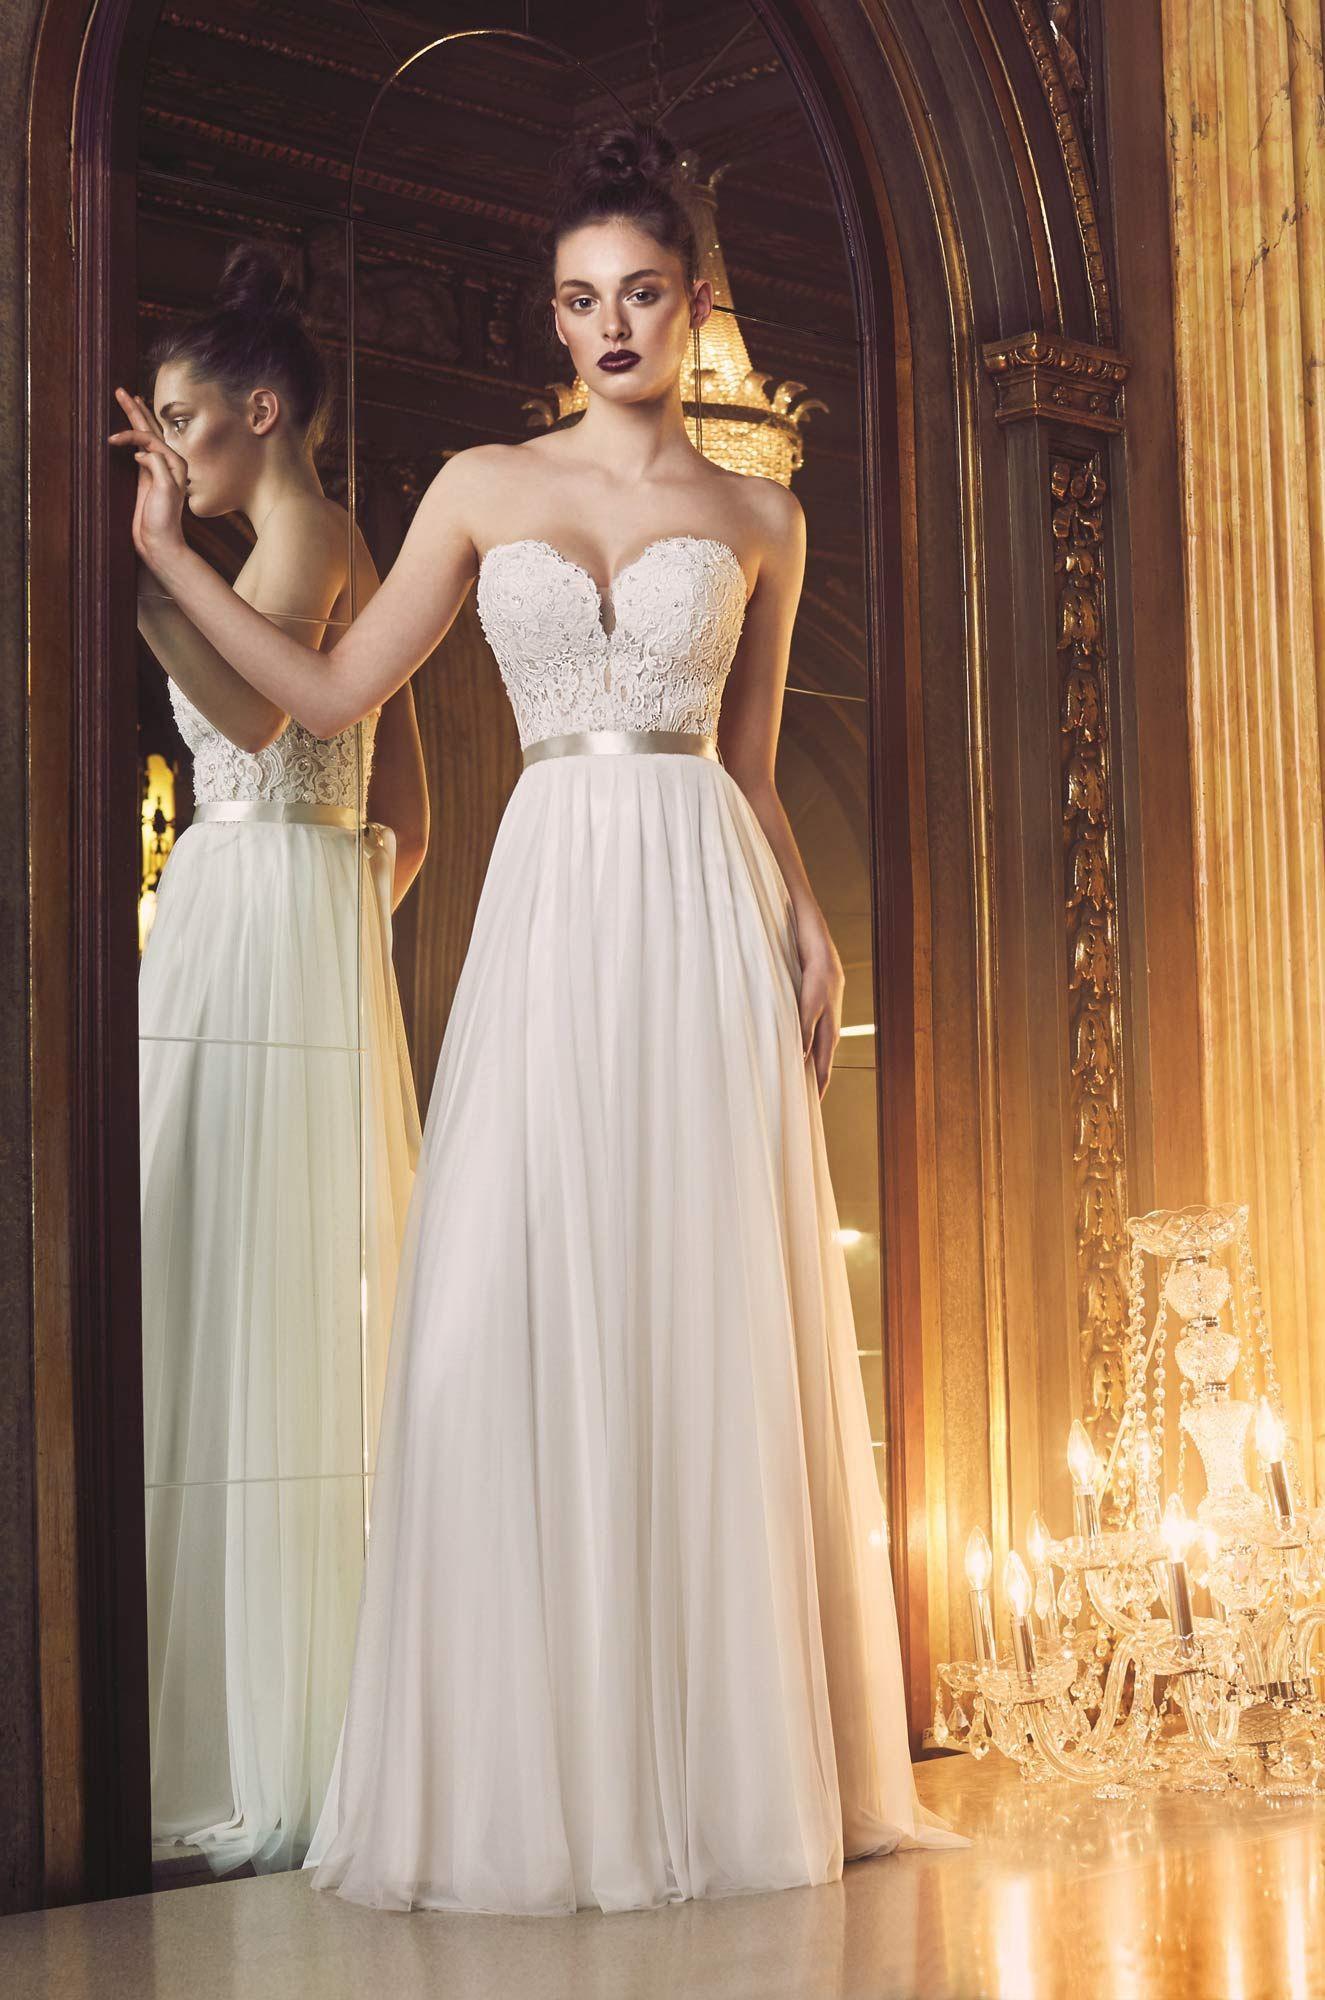 Gathered tulle wedding dress style paloma blanca i said